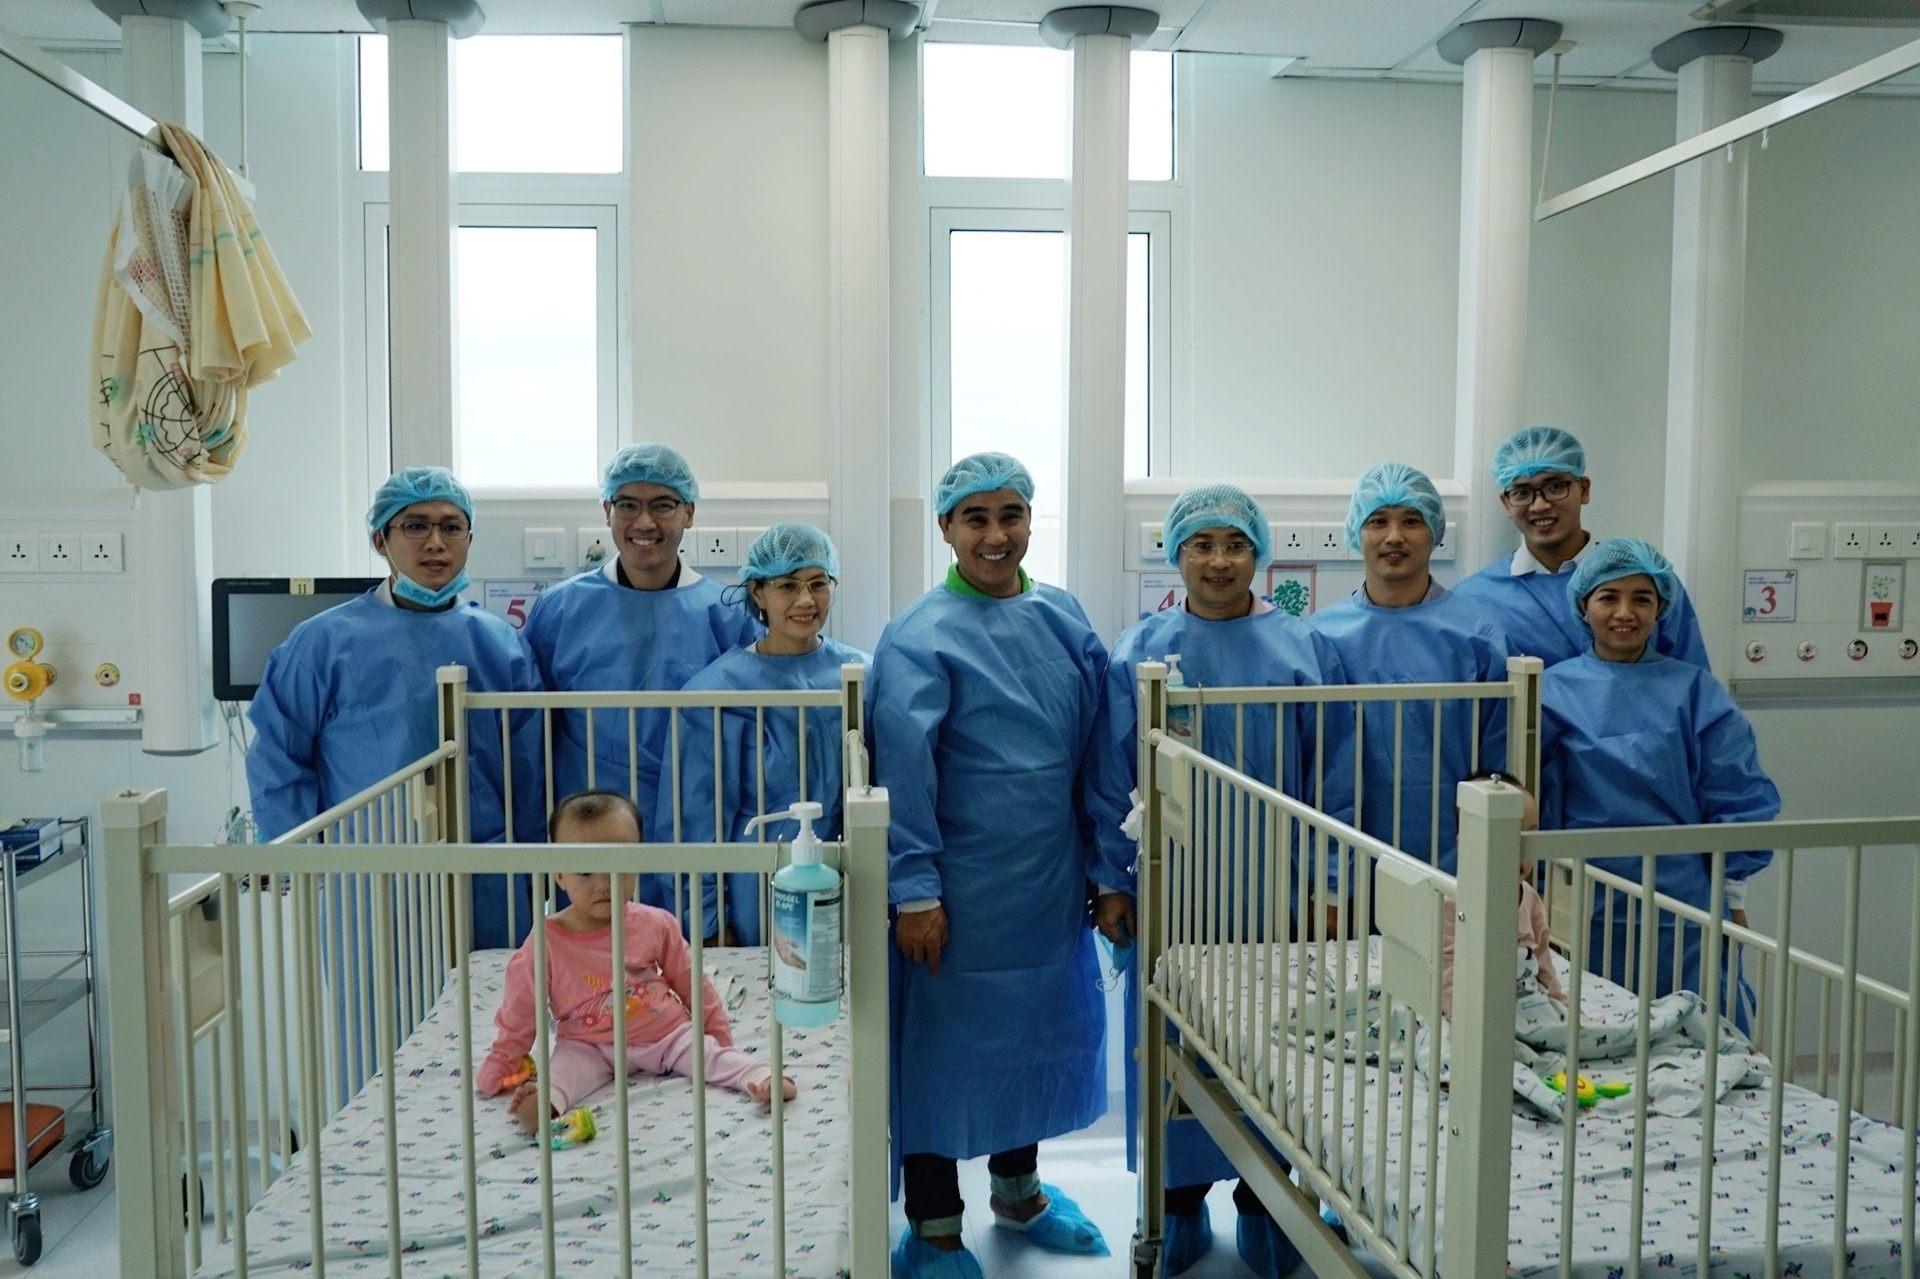 Trúc Nhi - Diệu Nhi về nhà đón Trung thu trước khi trở lại viện thực hiện cuộc phẫu thuật tiếp theo 0